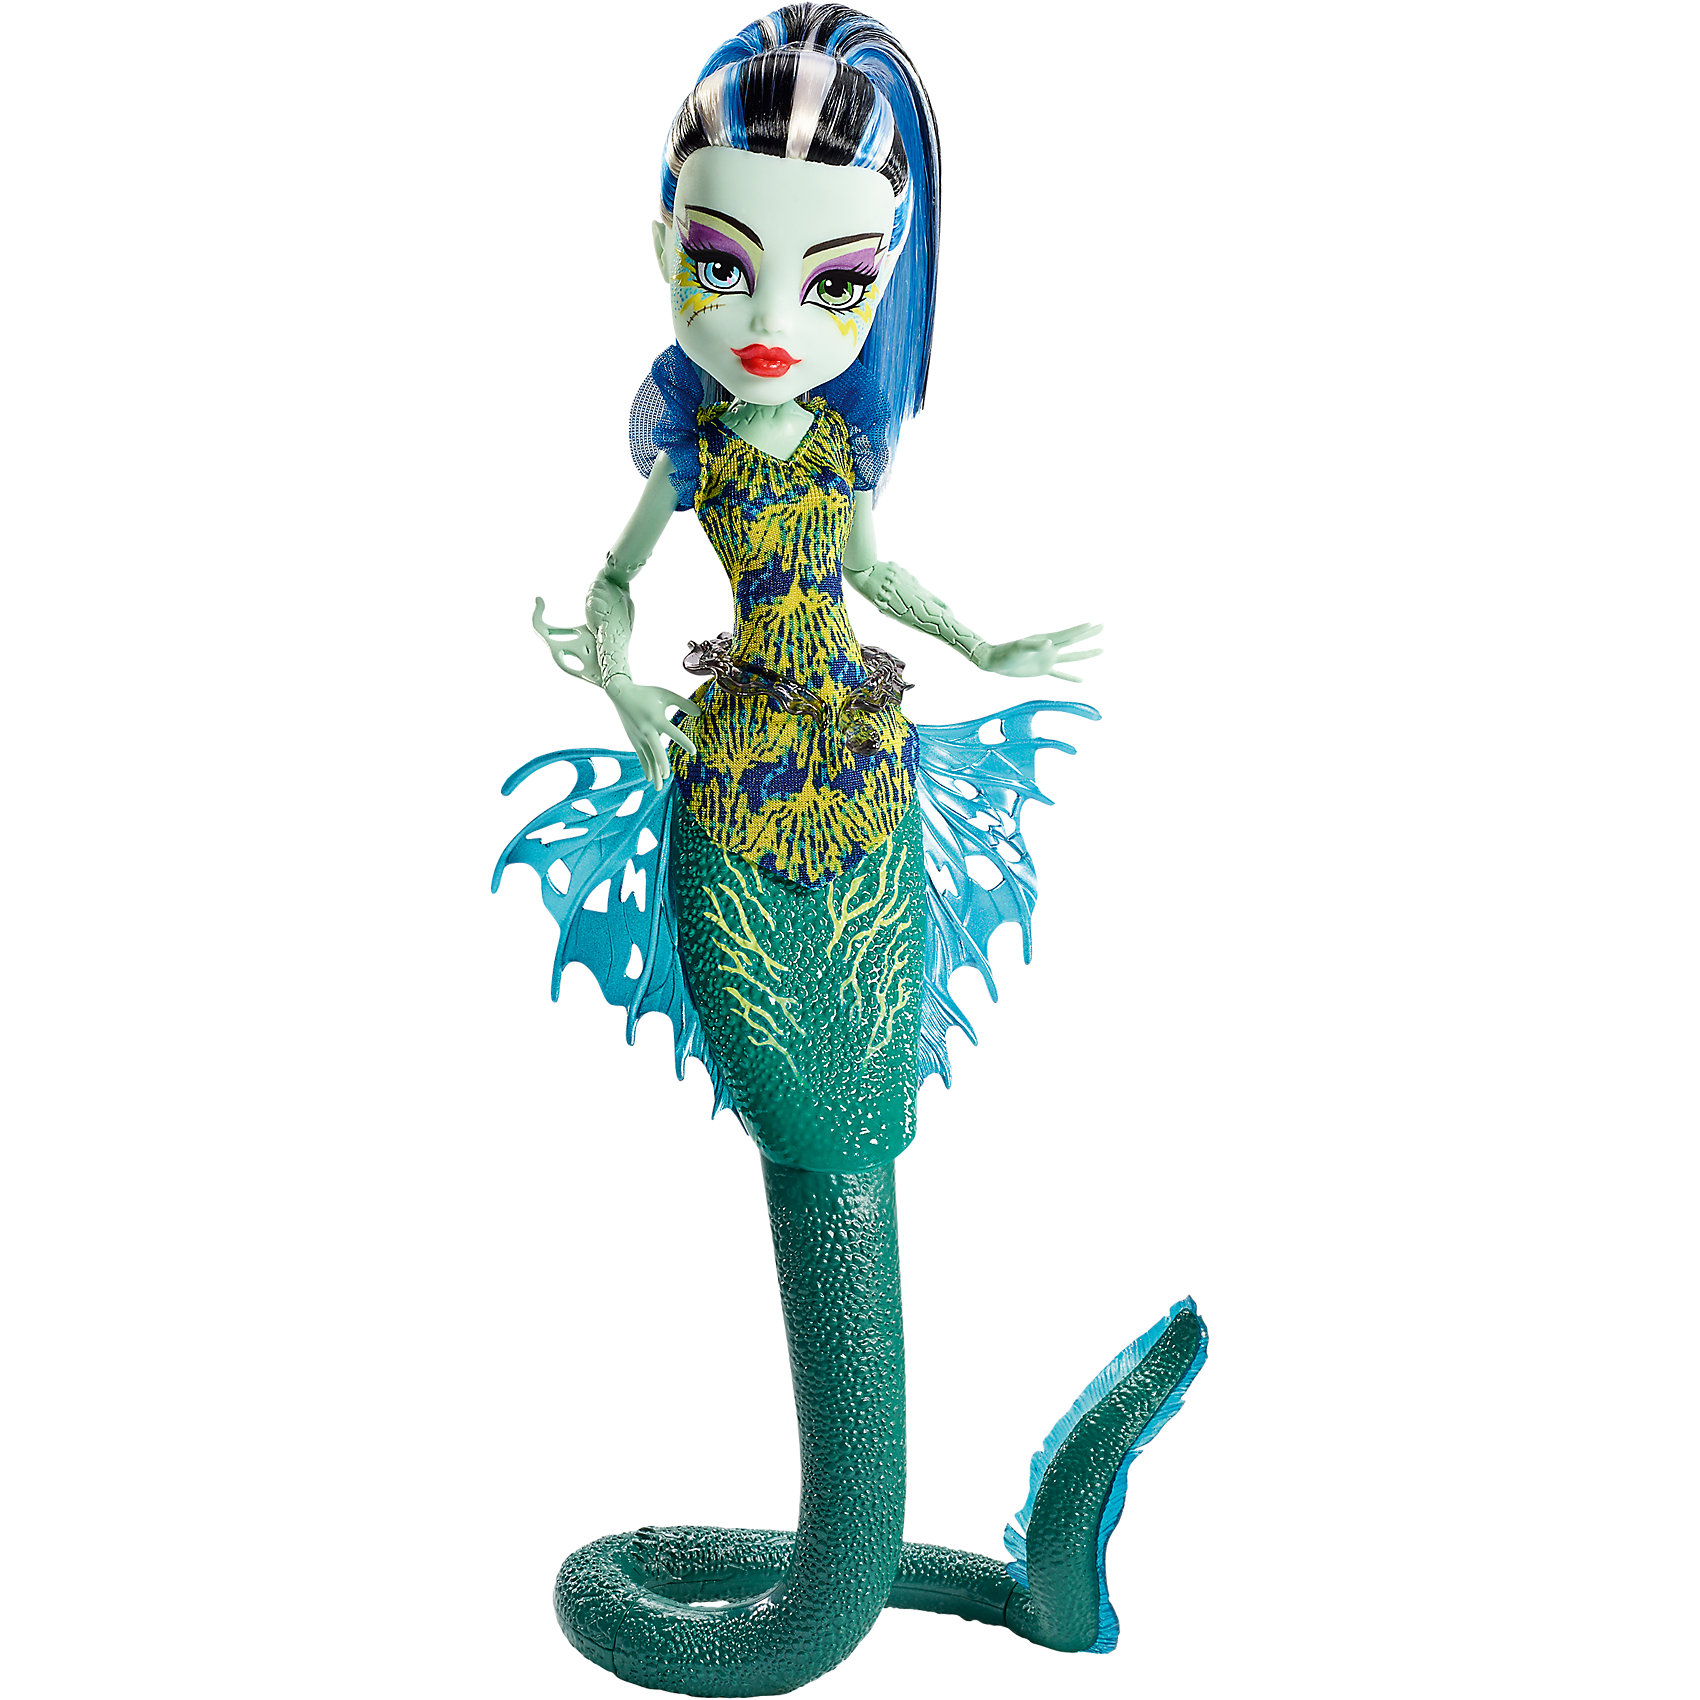 Кукла Френки Штейн Большой Кошмарный Риф, Monster HighПопулярные игрушки<br>Кукла Френки Штейн Большой Кошмарный Риф, Monster High (Монстер Хай) - жутковатая но симпатичная девочка-монстр, дочь профессора Франкенштейна из популярного мультсериала Школа монстров. Вместе с другими детьми знаменитых монстров она учится в Школе монстров, где каждый из учеников отличается своими уникальными особенностями и способностями. У Фрэнки длинные черно-белые волосы с синими прядками, уложенные в хвост, бледно-зеленая кожа и разноцветные глаза: голубой и зеленый, пара шрамов дополняют образ очаровательного монстрика. <br>В новой линейке кукол Большой Кошмарный Риф (Great Scarrier Reef) популярные подружки-монстры представлены в виде причудливых морских обитателей и обладают чудесной особенностью - деталями, которые светятся в темноте! Это позволяет им не потеряться в темных глубинах океана. Френки Штейн (Frankie Stein) смотрится очень эффектно в образе электрического угря с длинным зелеными хвостом и красивыми ажурными плавниками, которые позволяют ей легко перемещаться под водой. Она одета в стильное платье без рукавов с оригинальным поясом в виде водяной змеи. Тело куколки на шарнирах, ноги и хвост сгибаются и разгибаются, благодаря чему она может принимать различные положения. В комплект также входит подставка для куклы.<br><br>Дополнительная информация:<br><br>- В комплекте: кукла, подставка.<br>- Материал: пластик, текстиль.<br>- Высота куклы: 27 см. <br>- Размер упаковки: 33 x 16 x 7 см.<br>- Вес: 0,24 кг.<br><br>Куклу Френки Штейн Большой Кошмарный Риф, Monster High, можно купить в нашем интернет-магазине.<br><br>Ширина мм: 330<br>Глубина мм: 159<br>Высота мм: 73<br>Вес г: 232<br>Возраст от месяцев: 72<br>Возраст до месяцев: 120<br>Пол: Женский<br>Возраст: Детский<br>SKU: 4349956